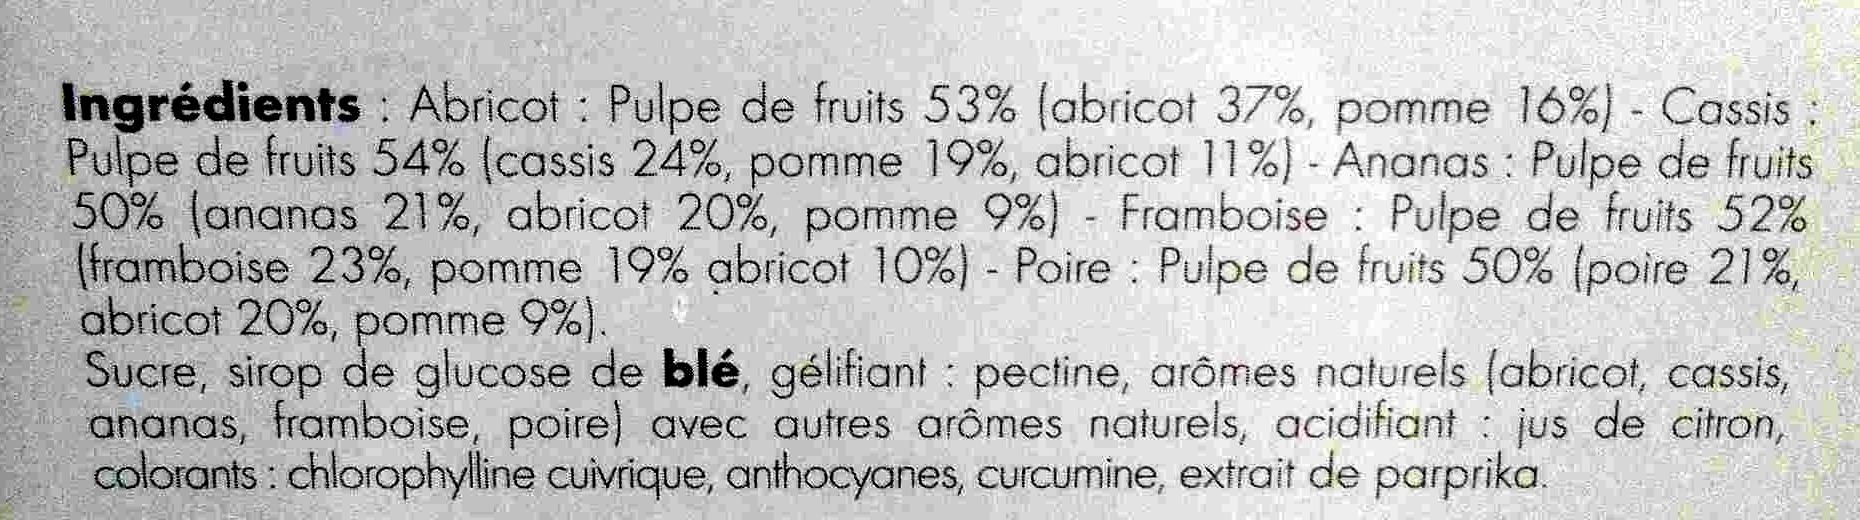 Formes de fruits - Ingredients - fr